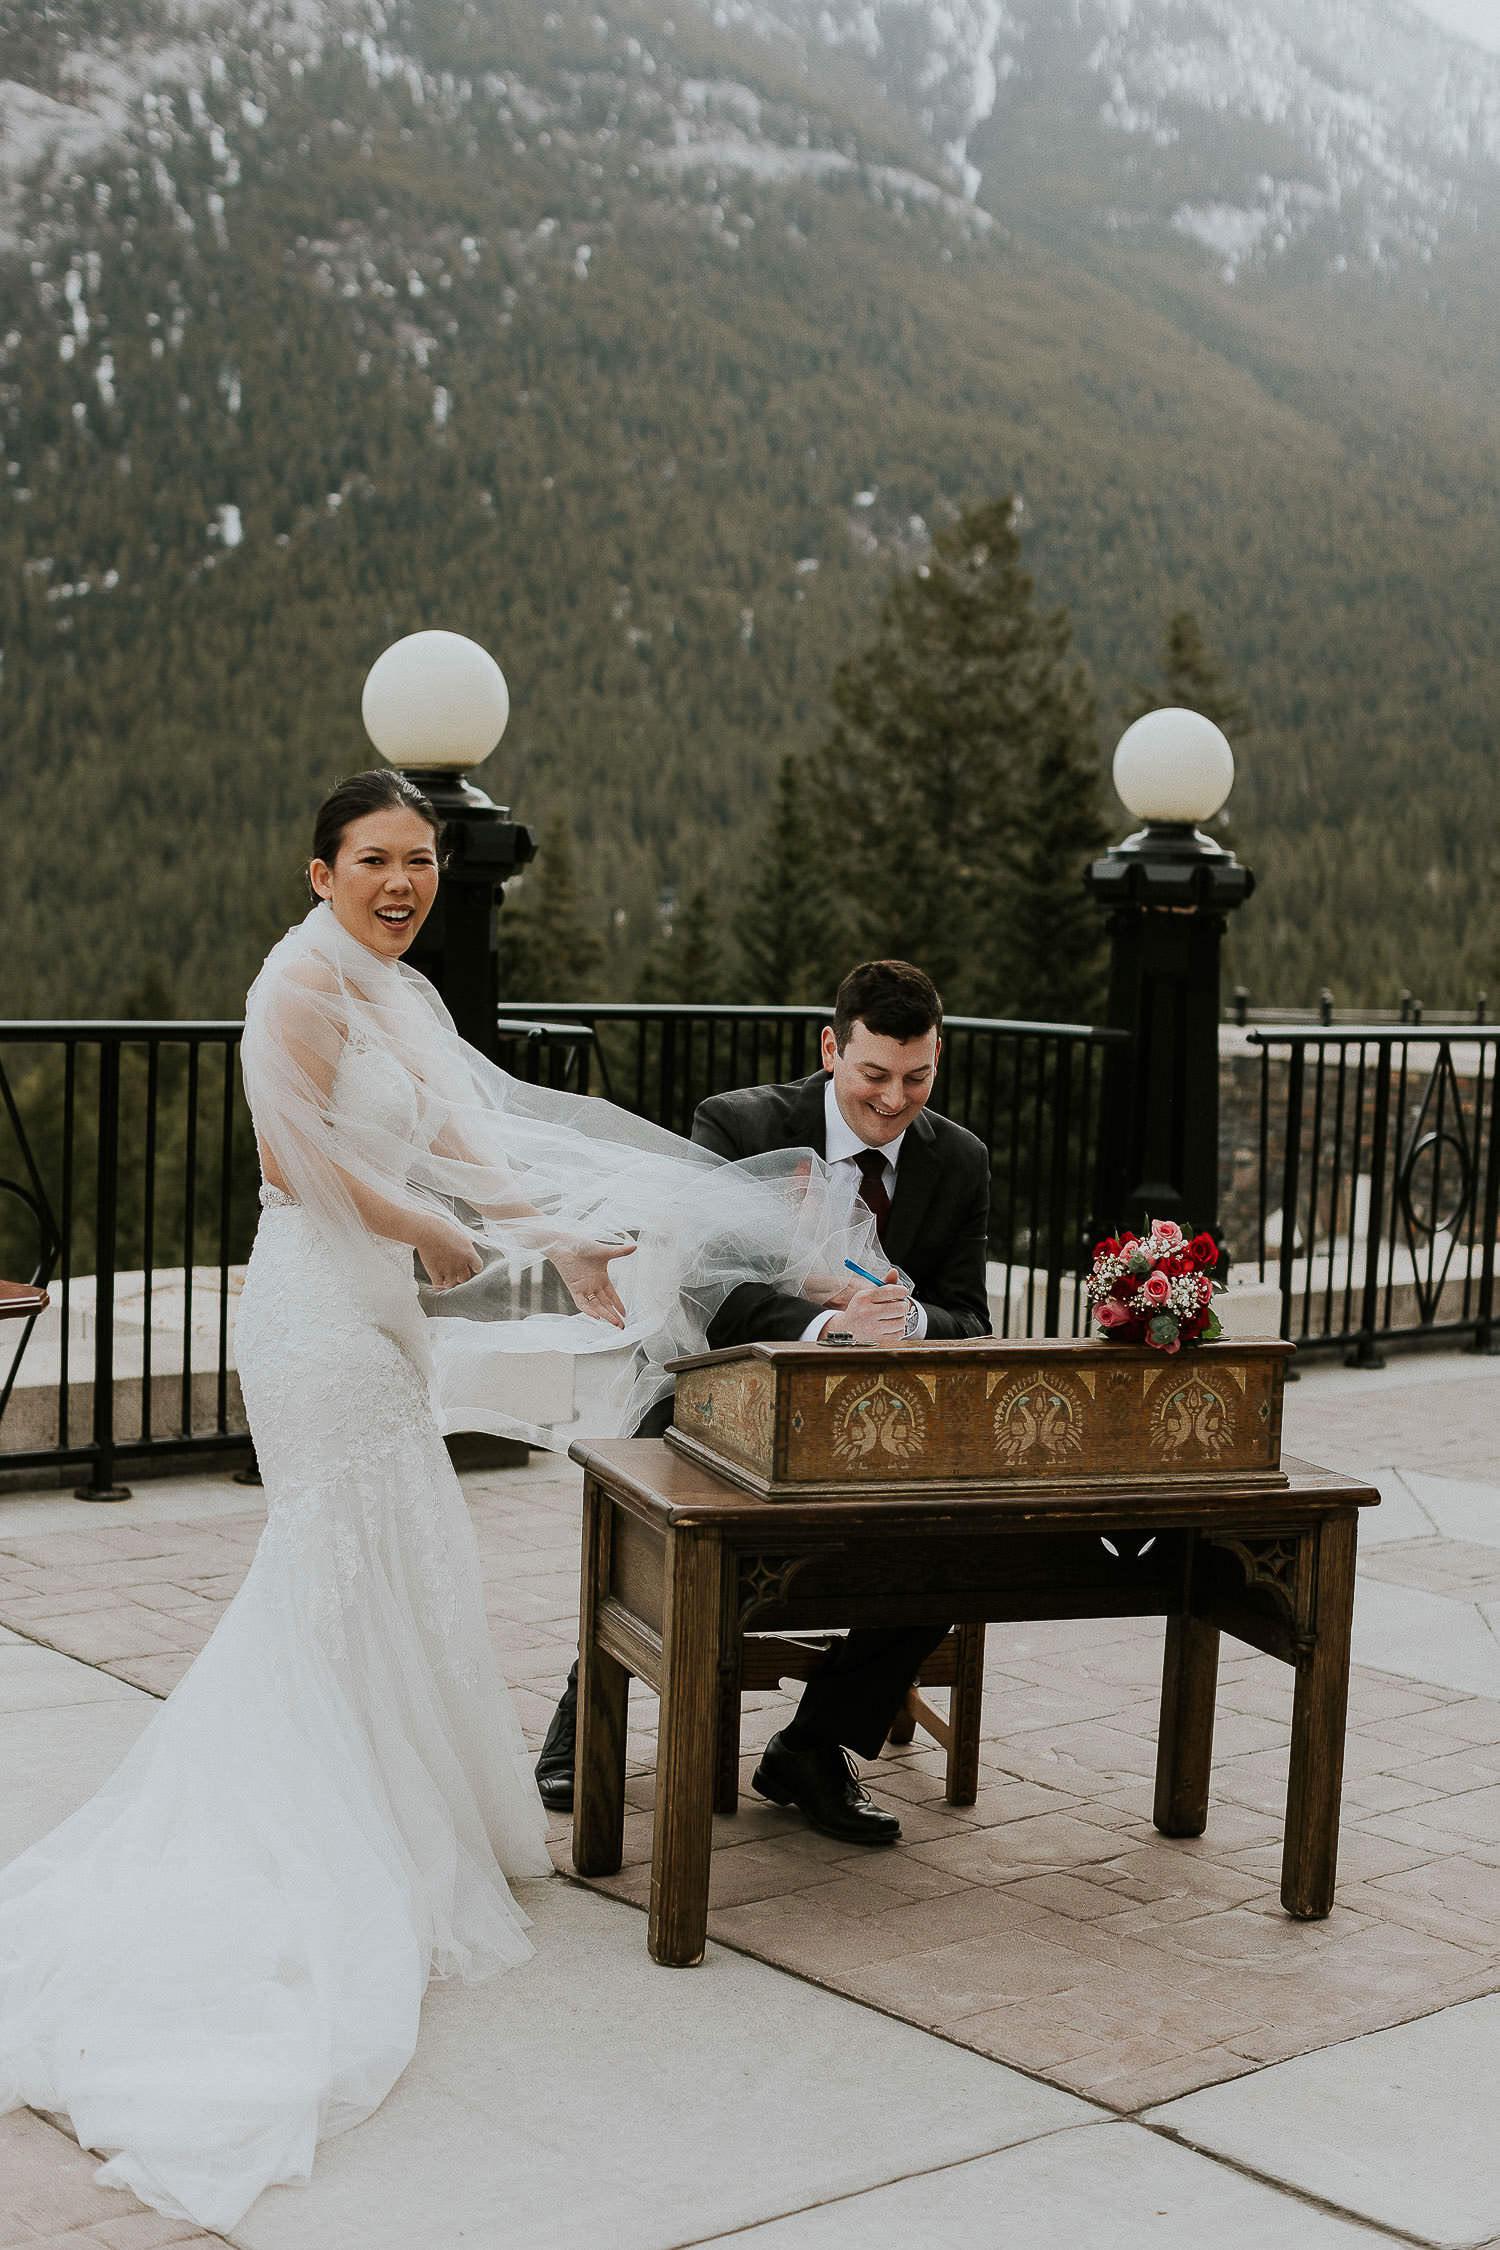 intimate-wedding-at-banff-springs-hotel-sarah-pukin-0108